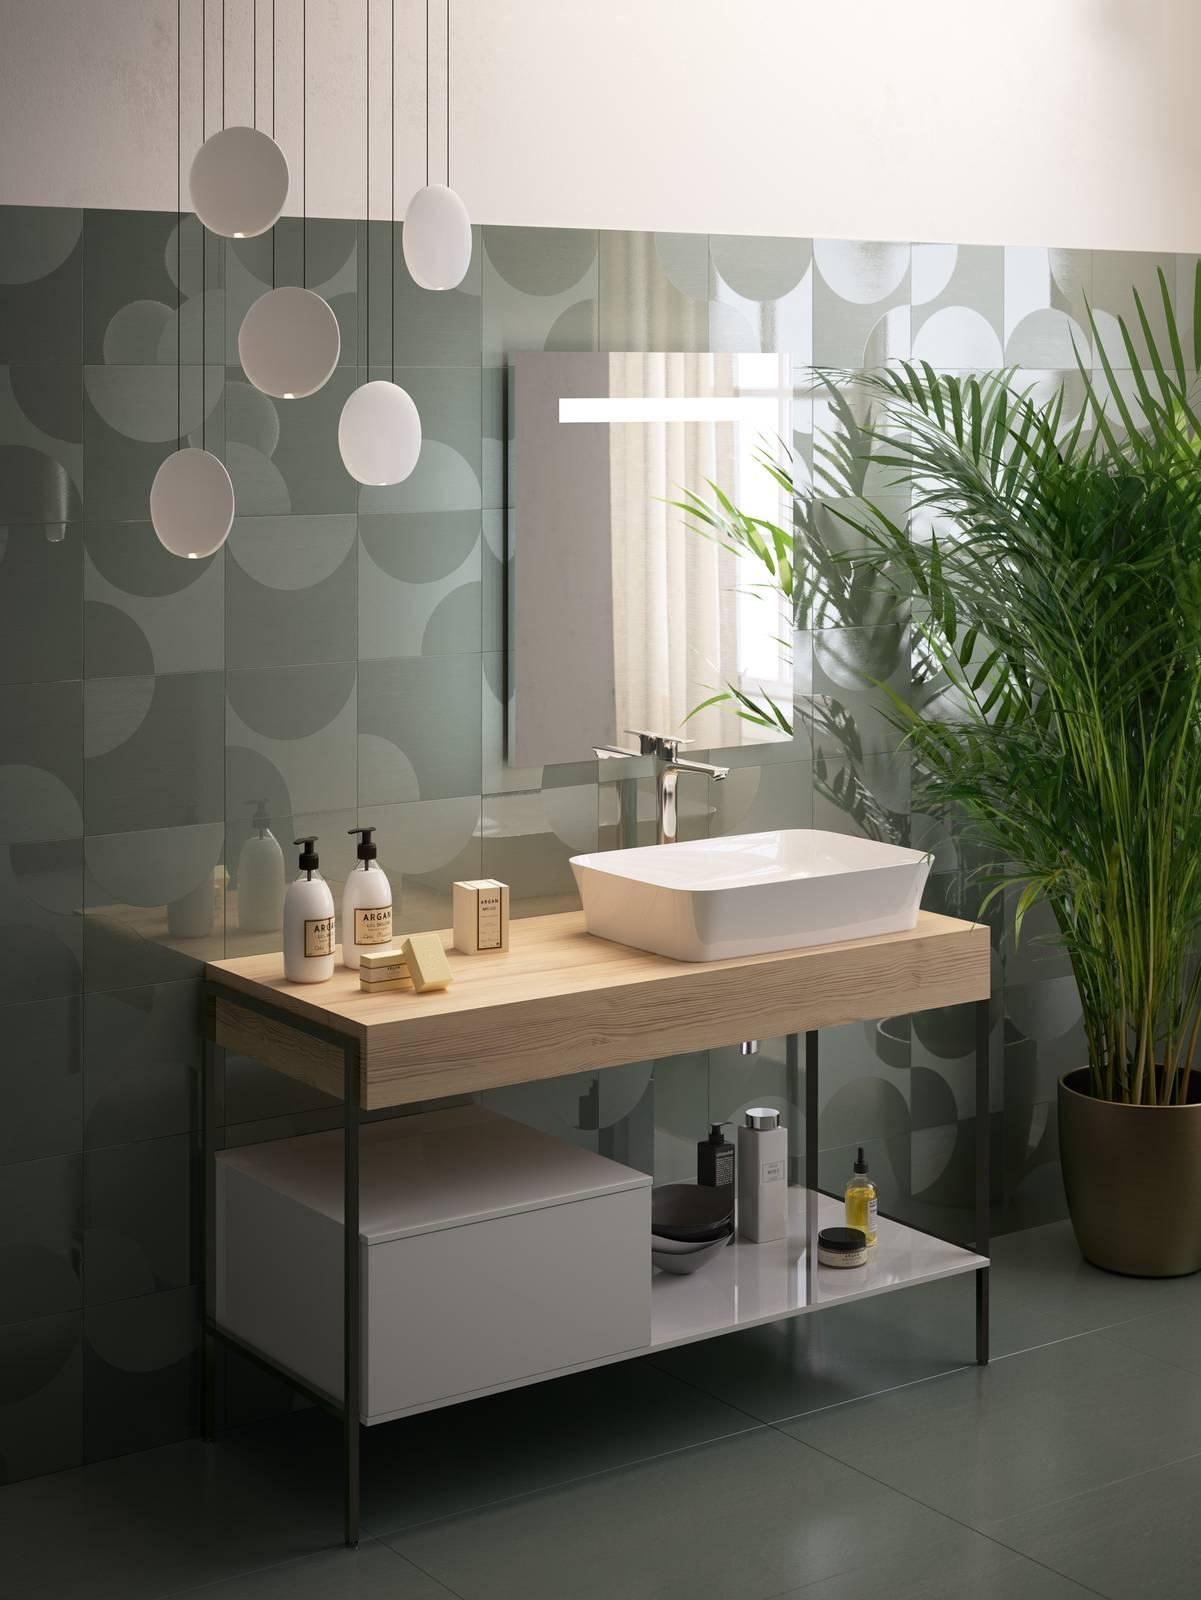 Accessori Da Bagno Ideal Standard.Nuova Linea D Arredo Componibile Compatibile Con Tutti I Lavabi Di Ideal Standard Cose Di Casa